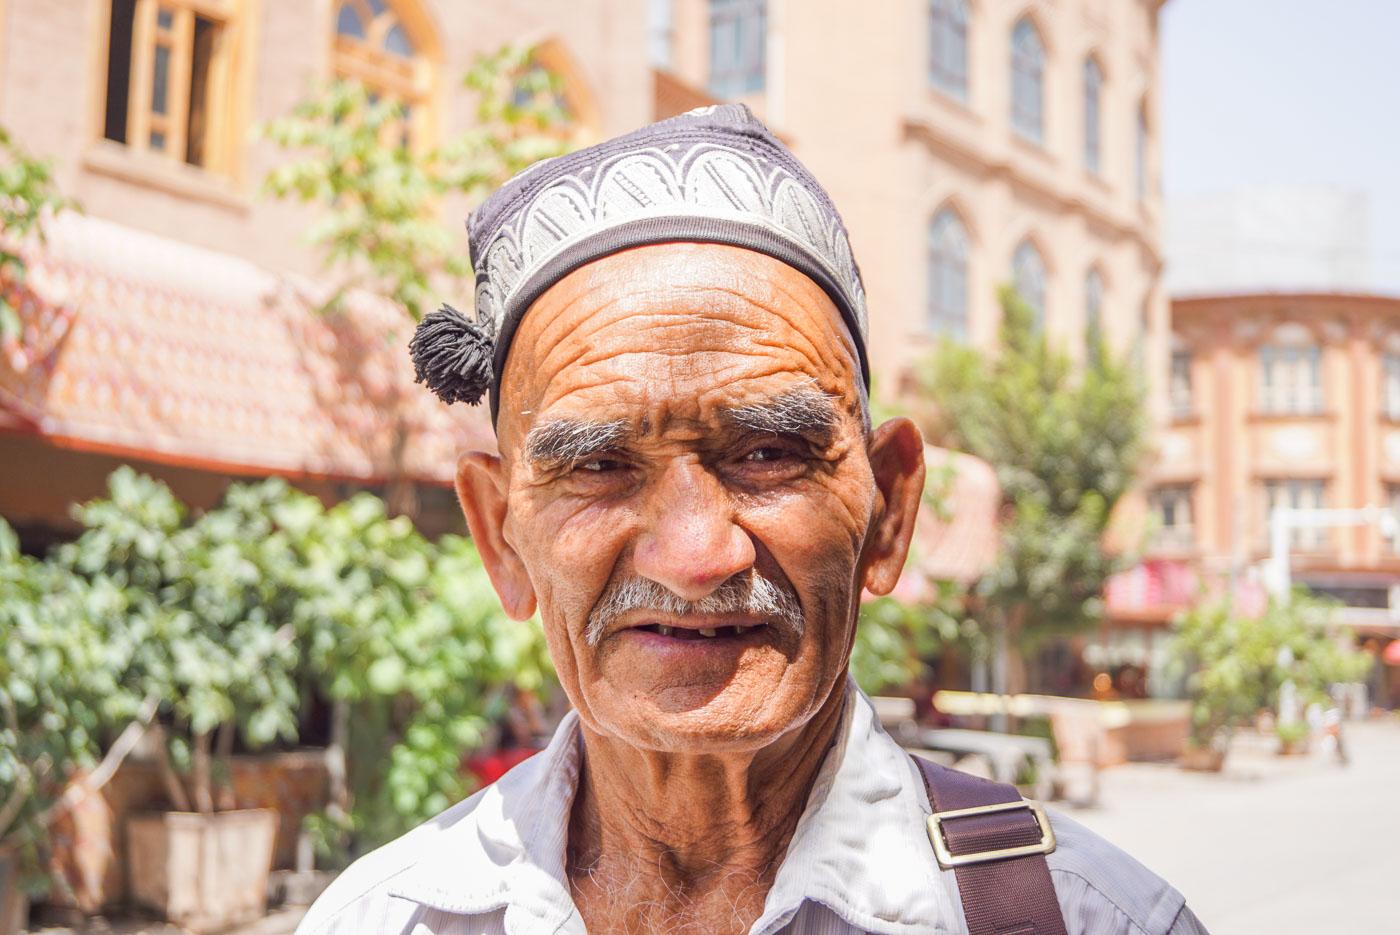 Eine Portraitaufnahme eines ca. 60 Jahre alten Uiguren. Er hat eine traditionelle graue Mütze auf dicke graue Augen braunen und einen grau weißen Schnurrbart.